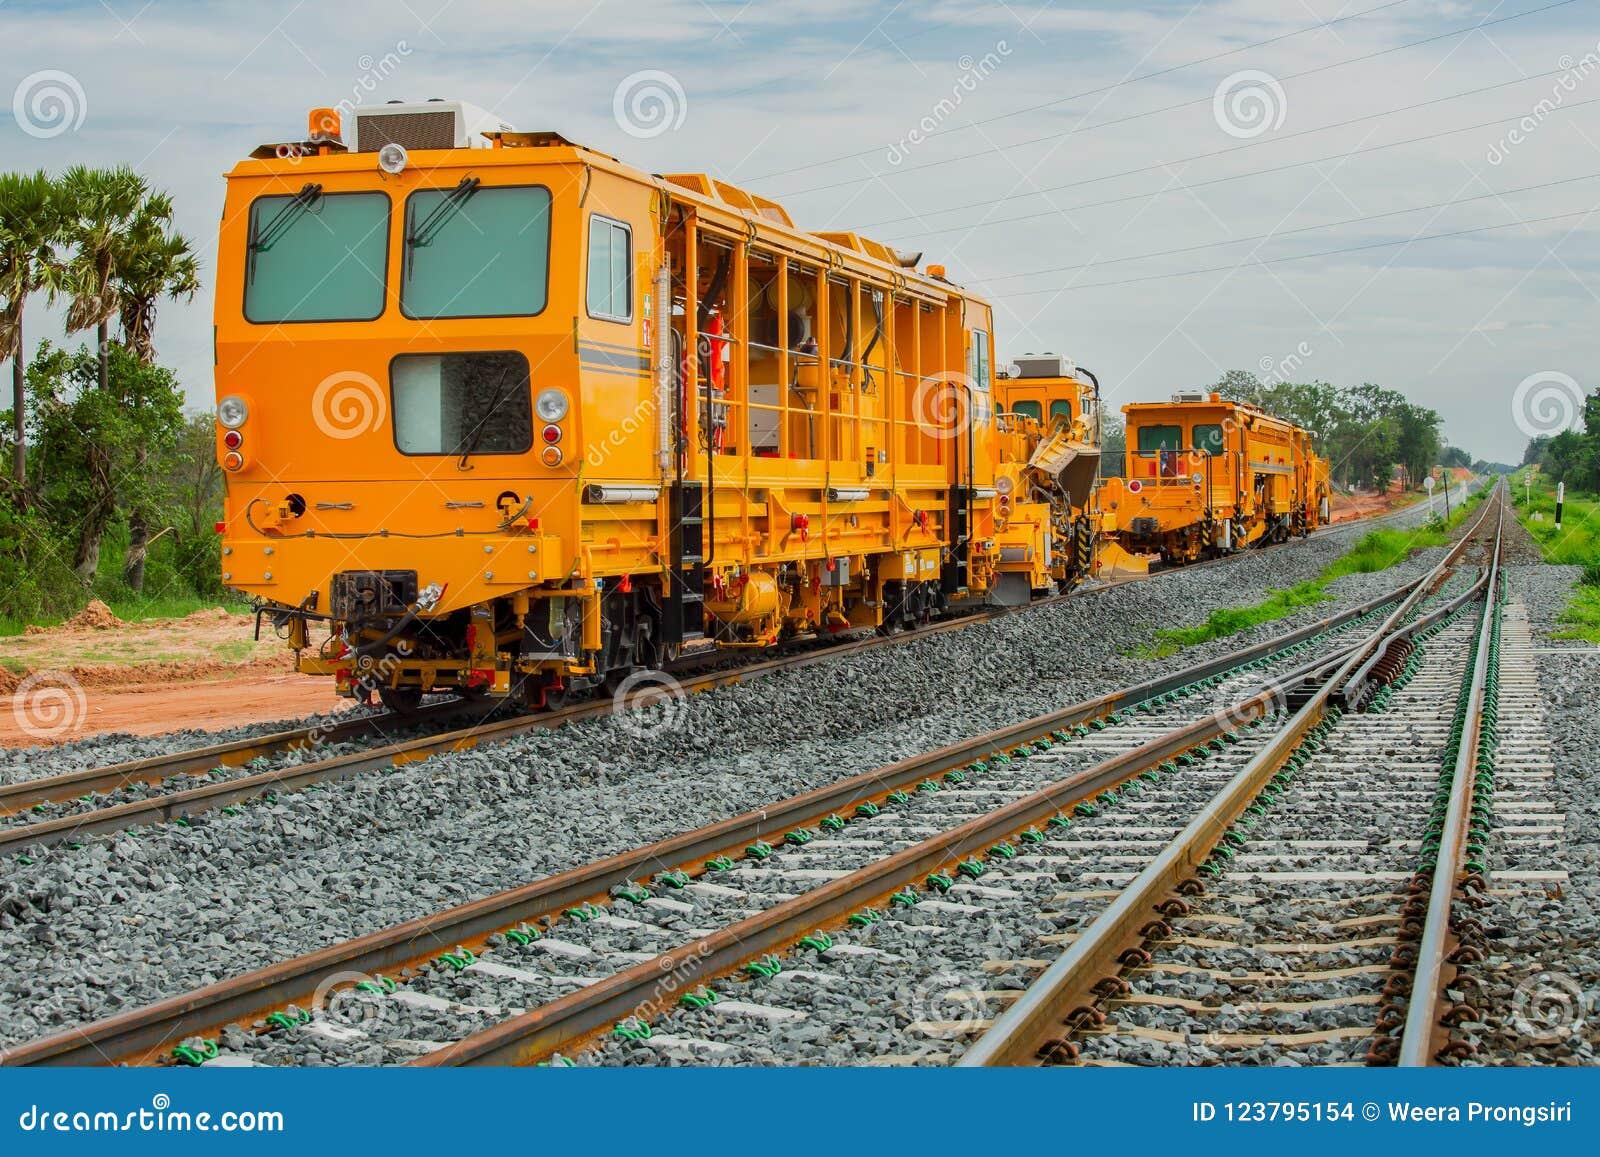 火车-车,货物运输,机车,铁路加州